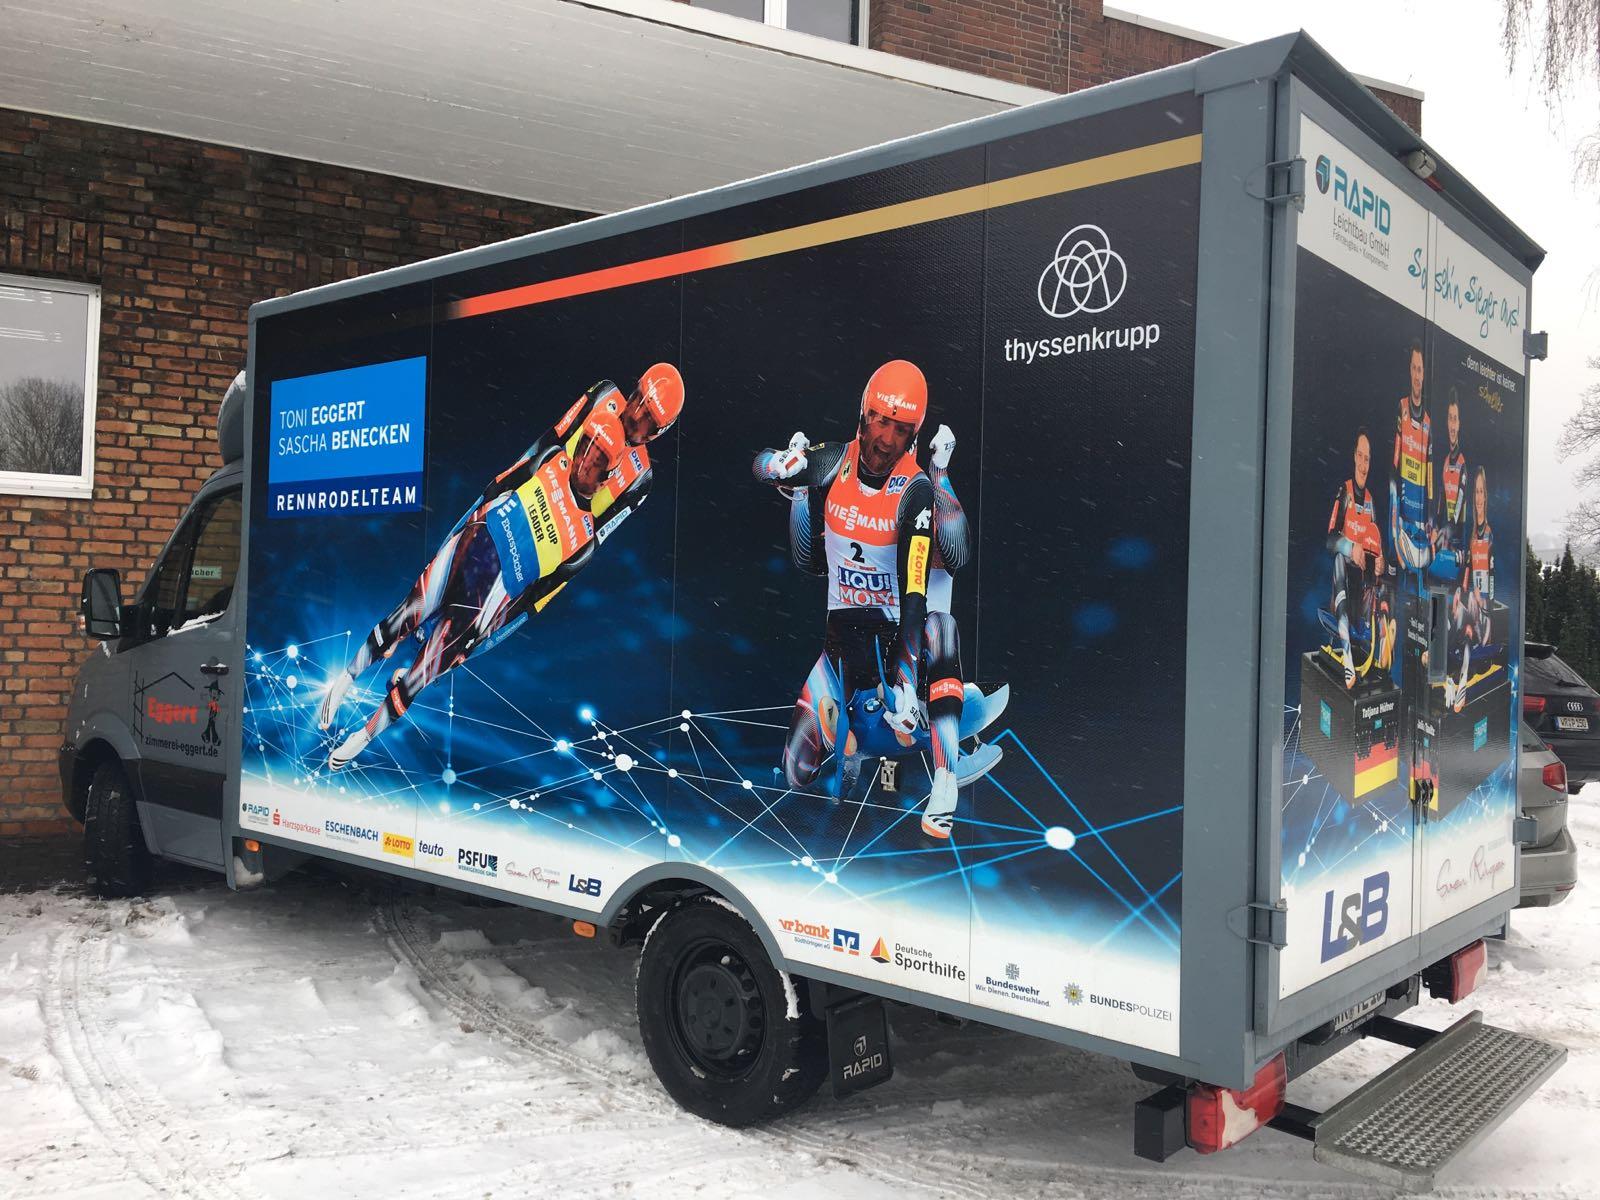 Der Rennrodel-Truck von Toni Eggert und Sascha Benecken hält bei PSFU in Wernigerode.